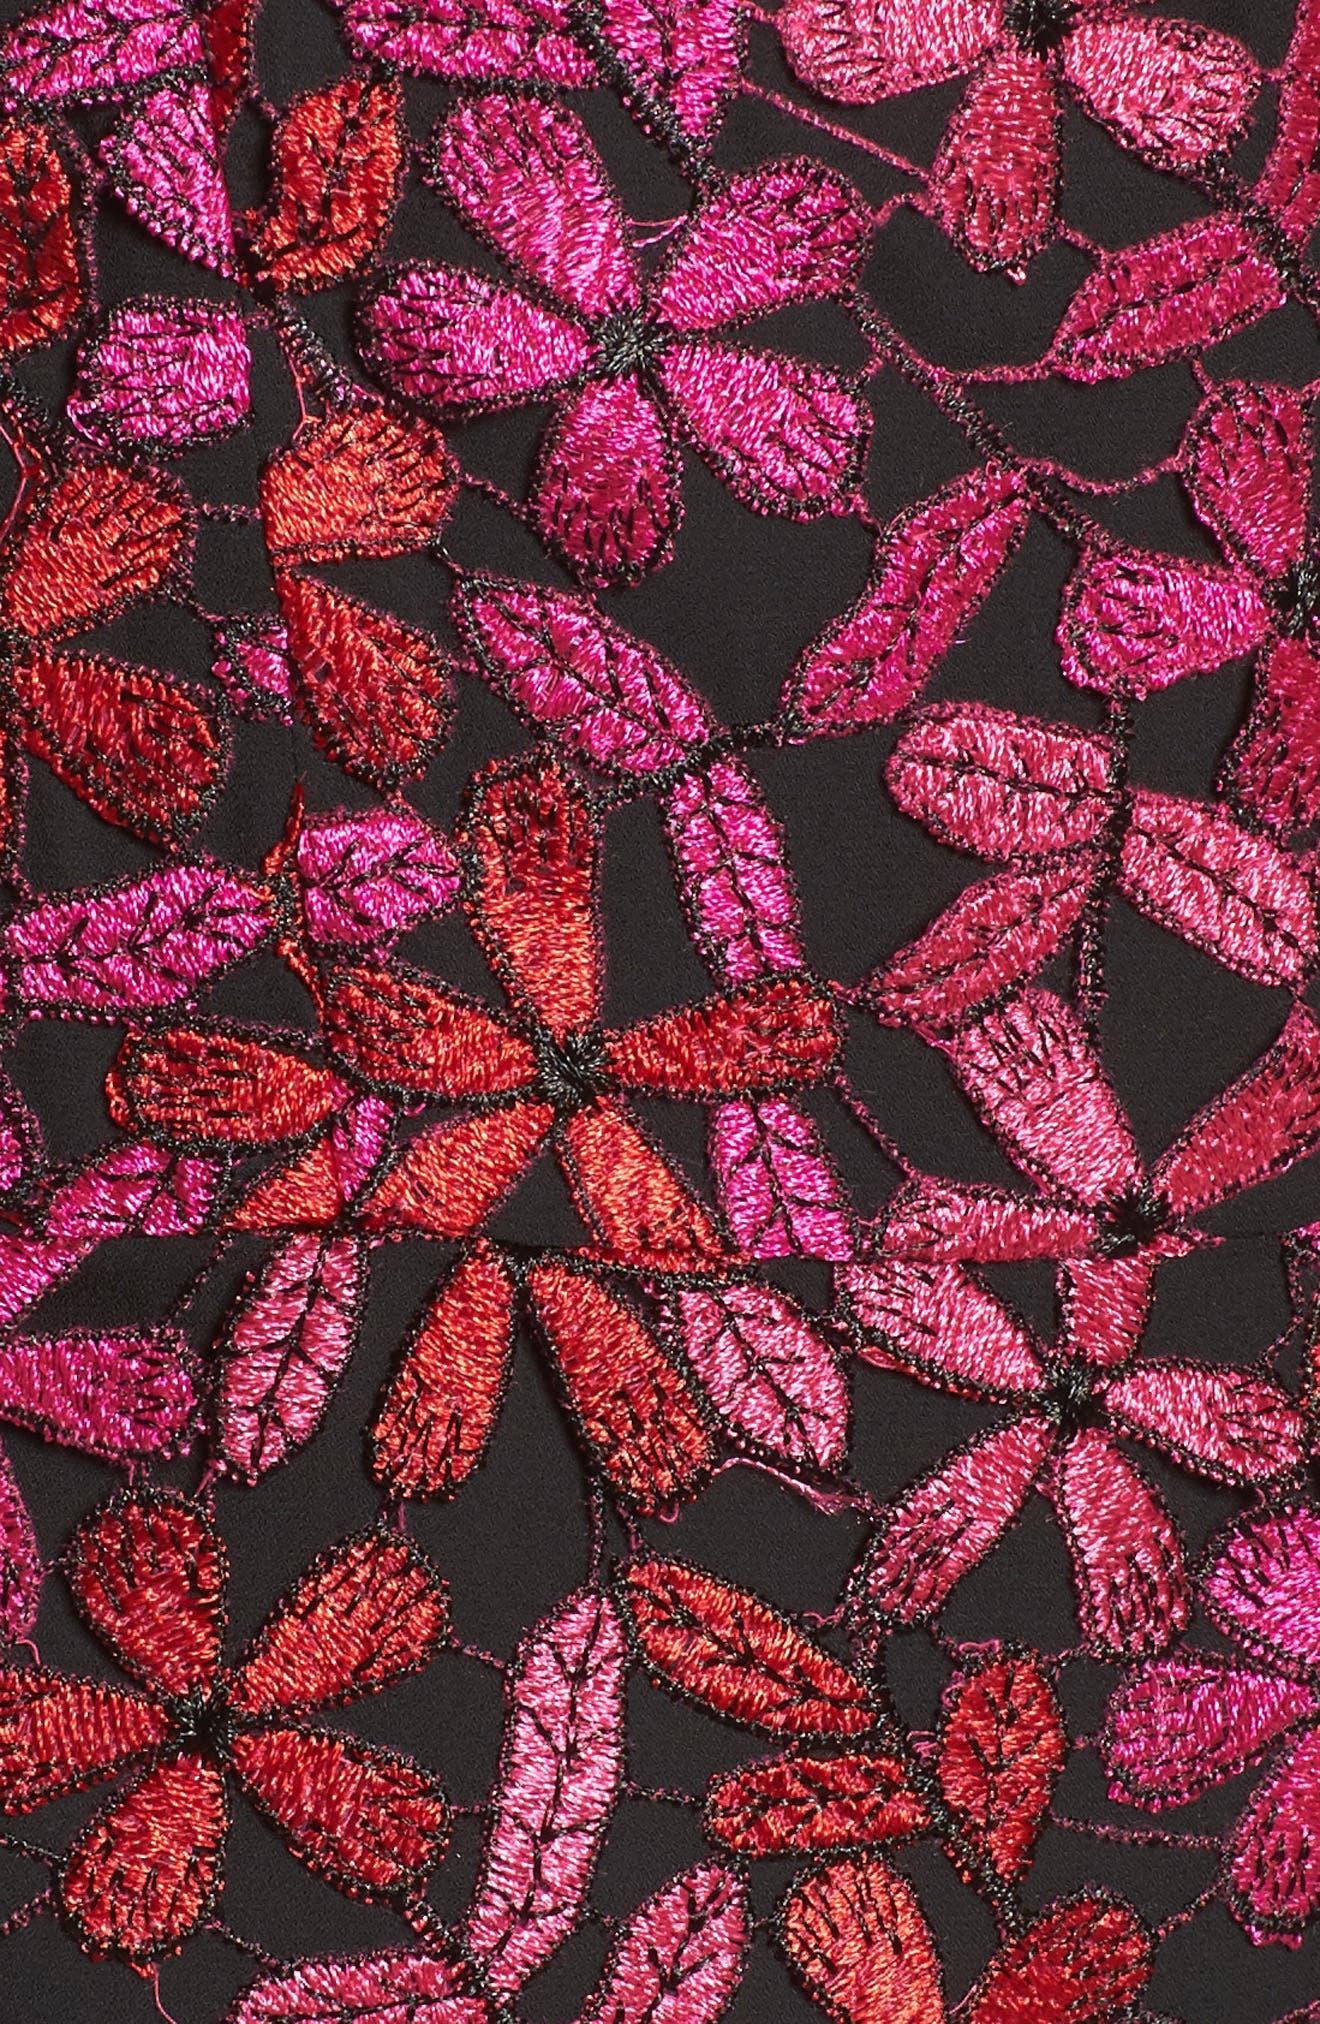 Floral Lace Sheath Dress,                             Alternate thumbnail 5, color,                             651